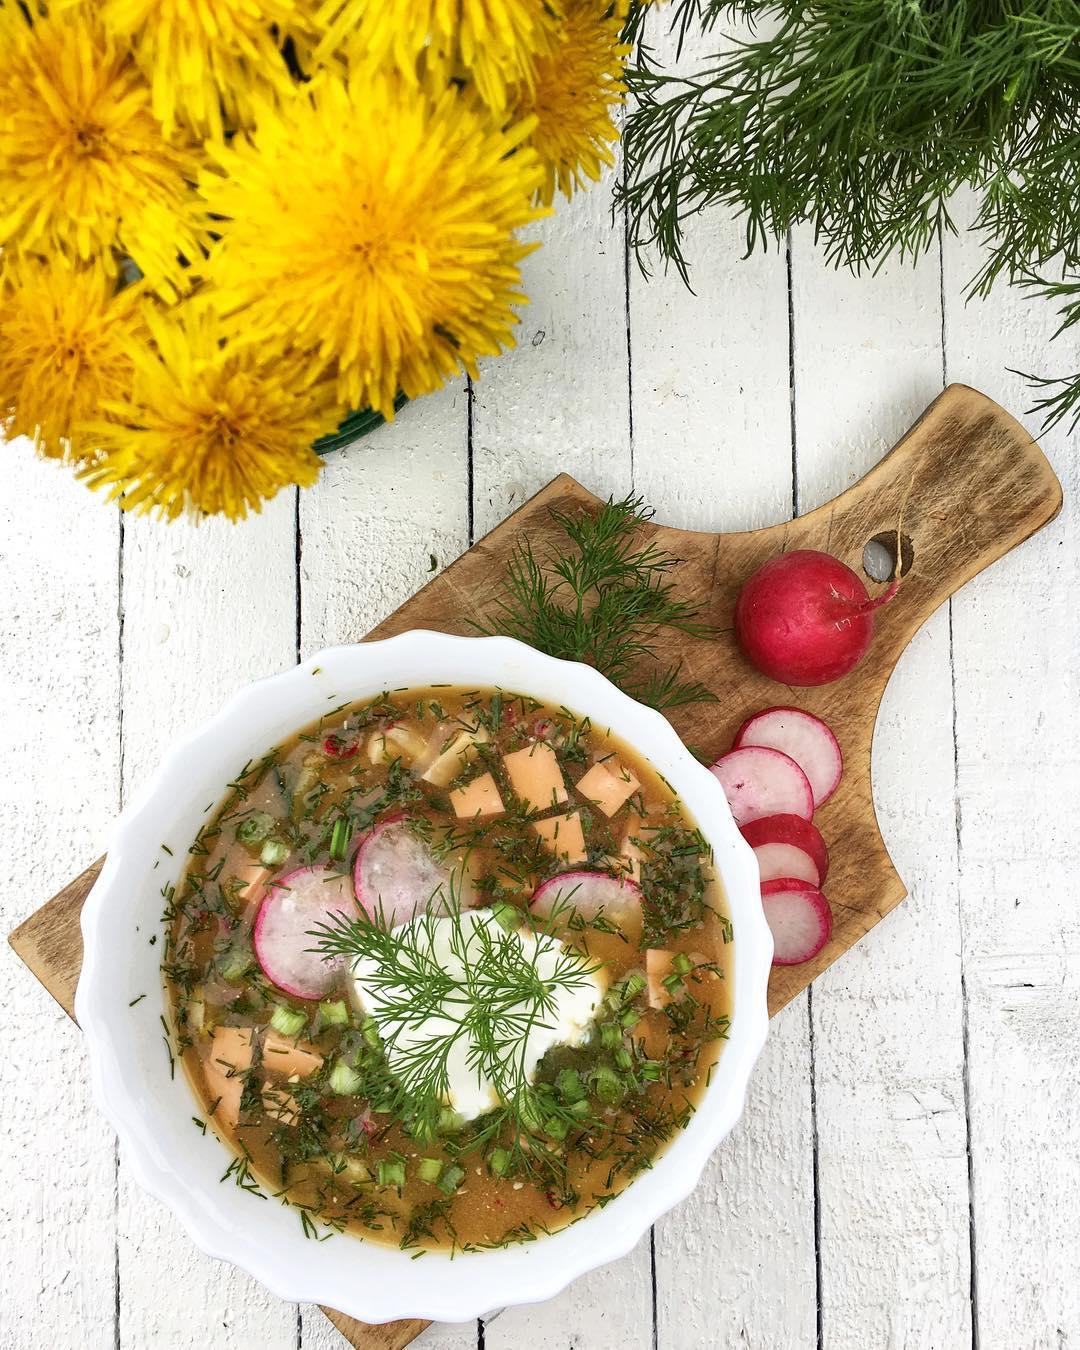 окрошка на квасе рецепт вкусный суп